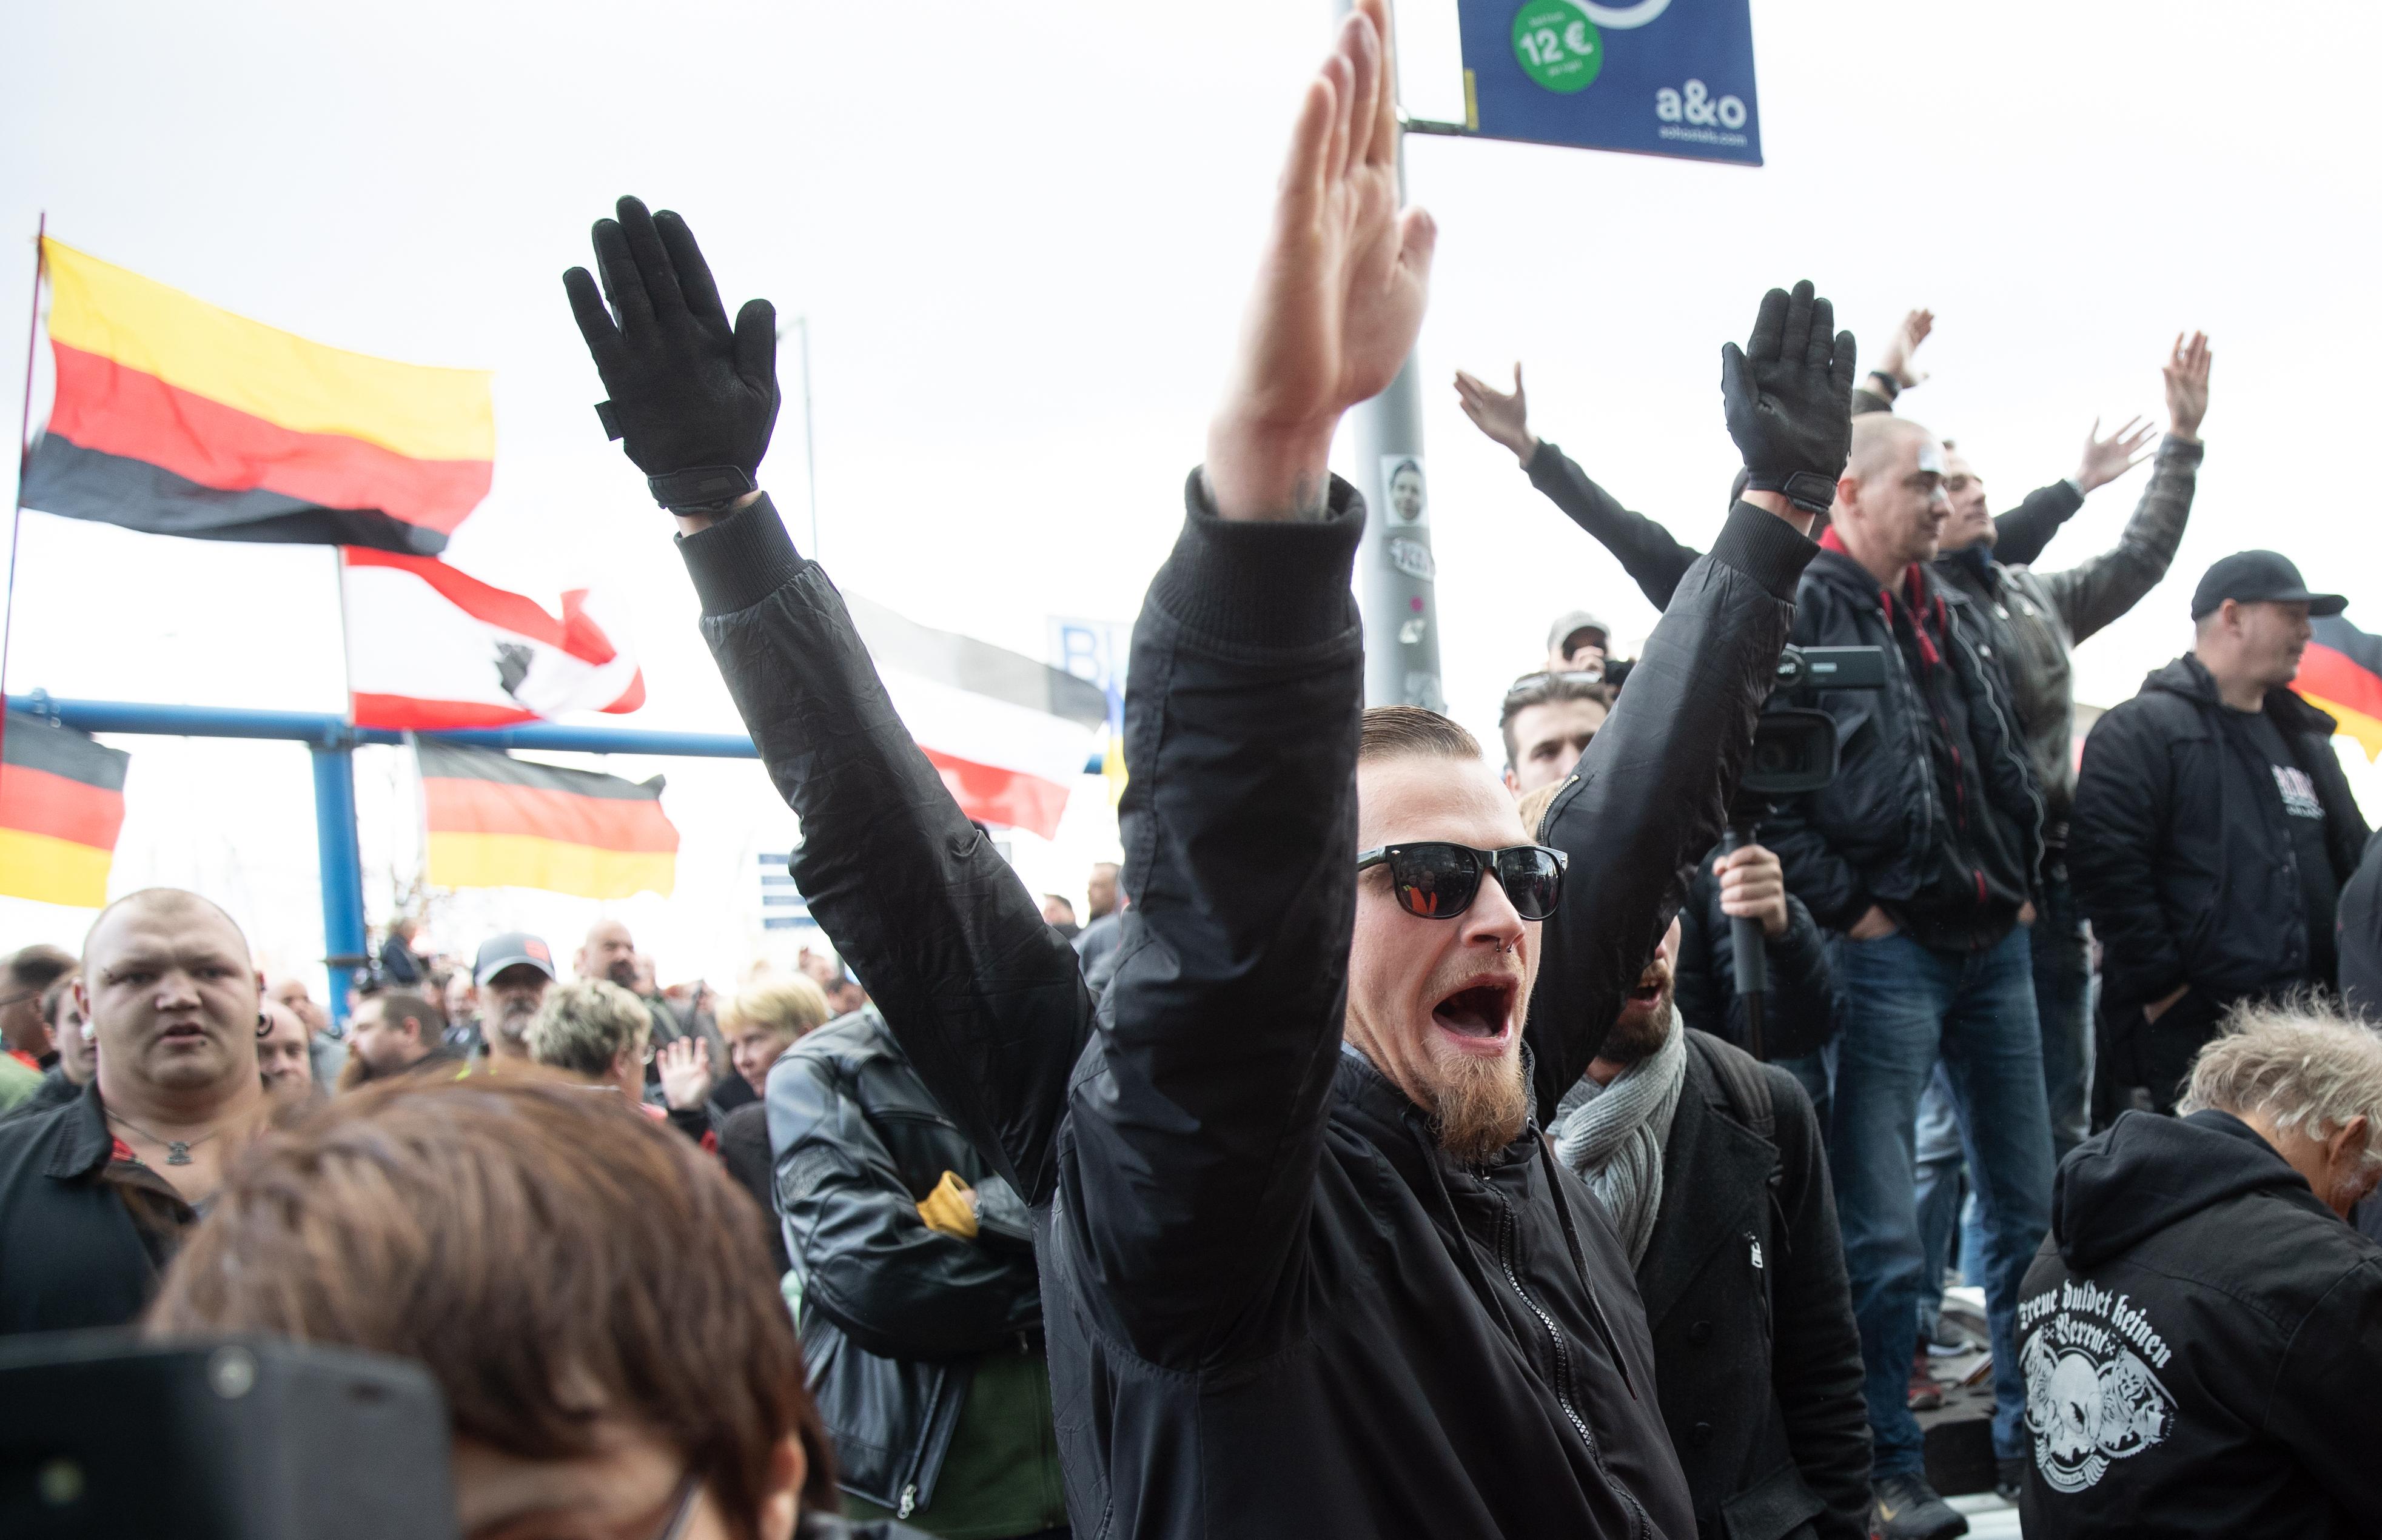 A németek jobban félnek a szélsőjobboldali merényletektől, mint az iszlamistáktól